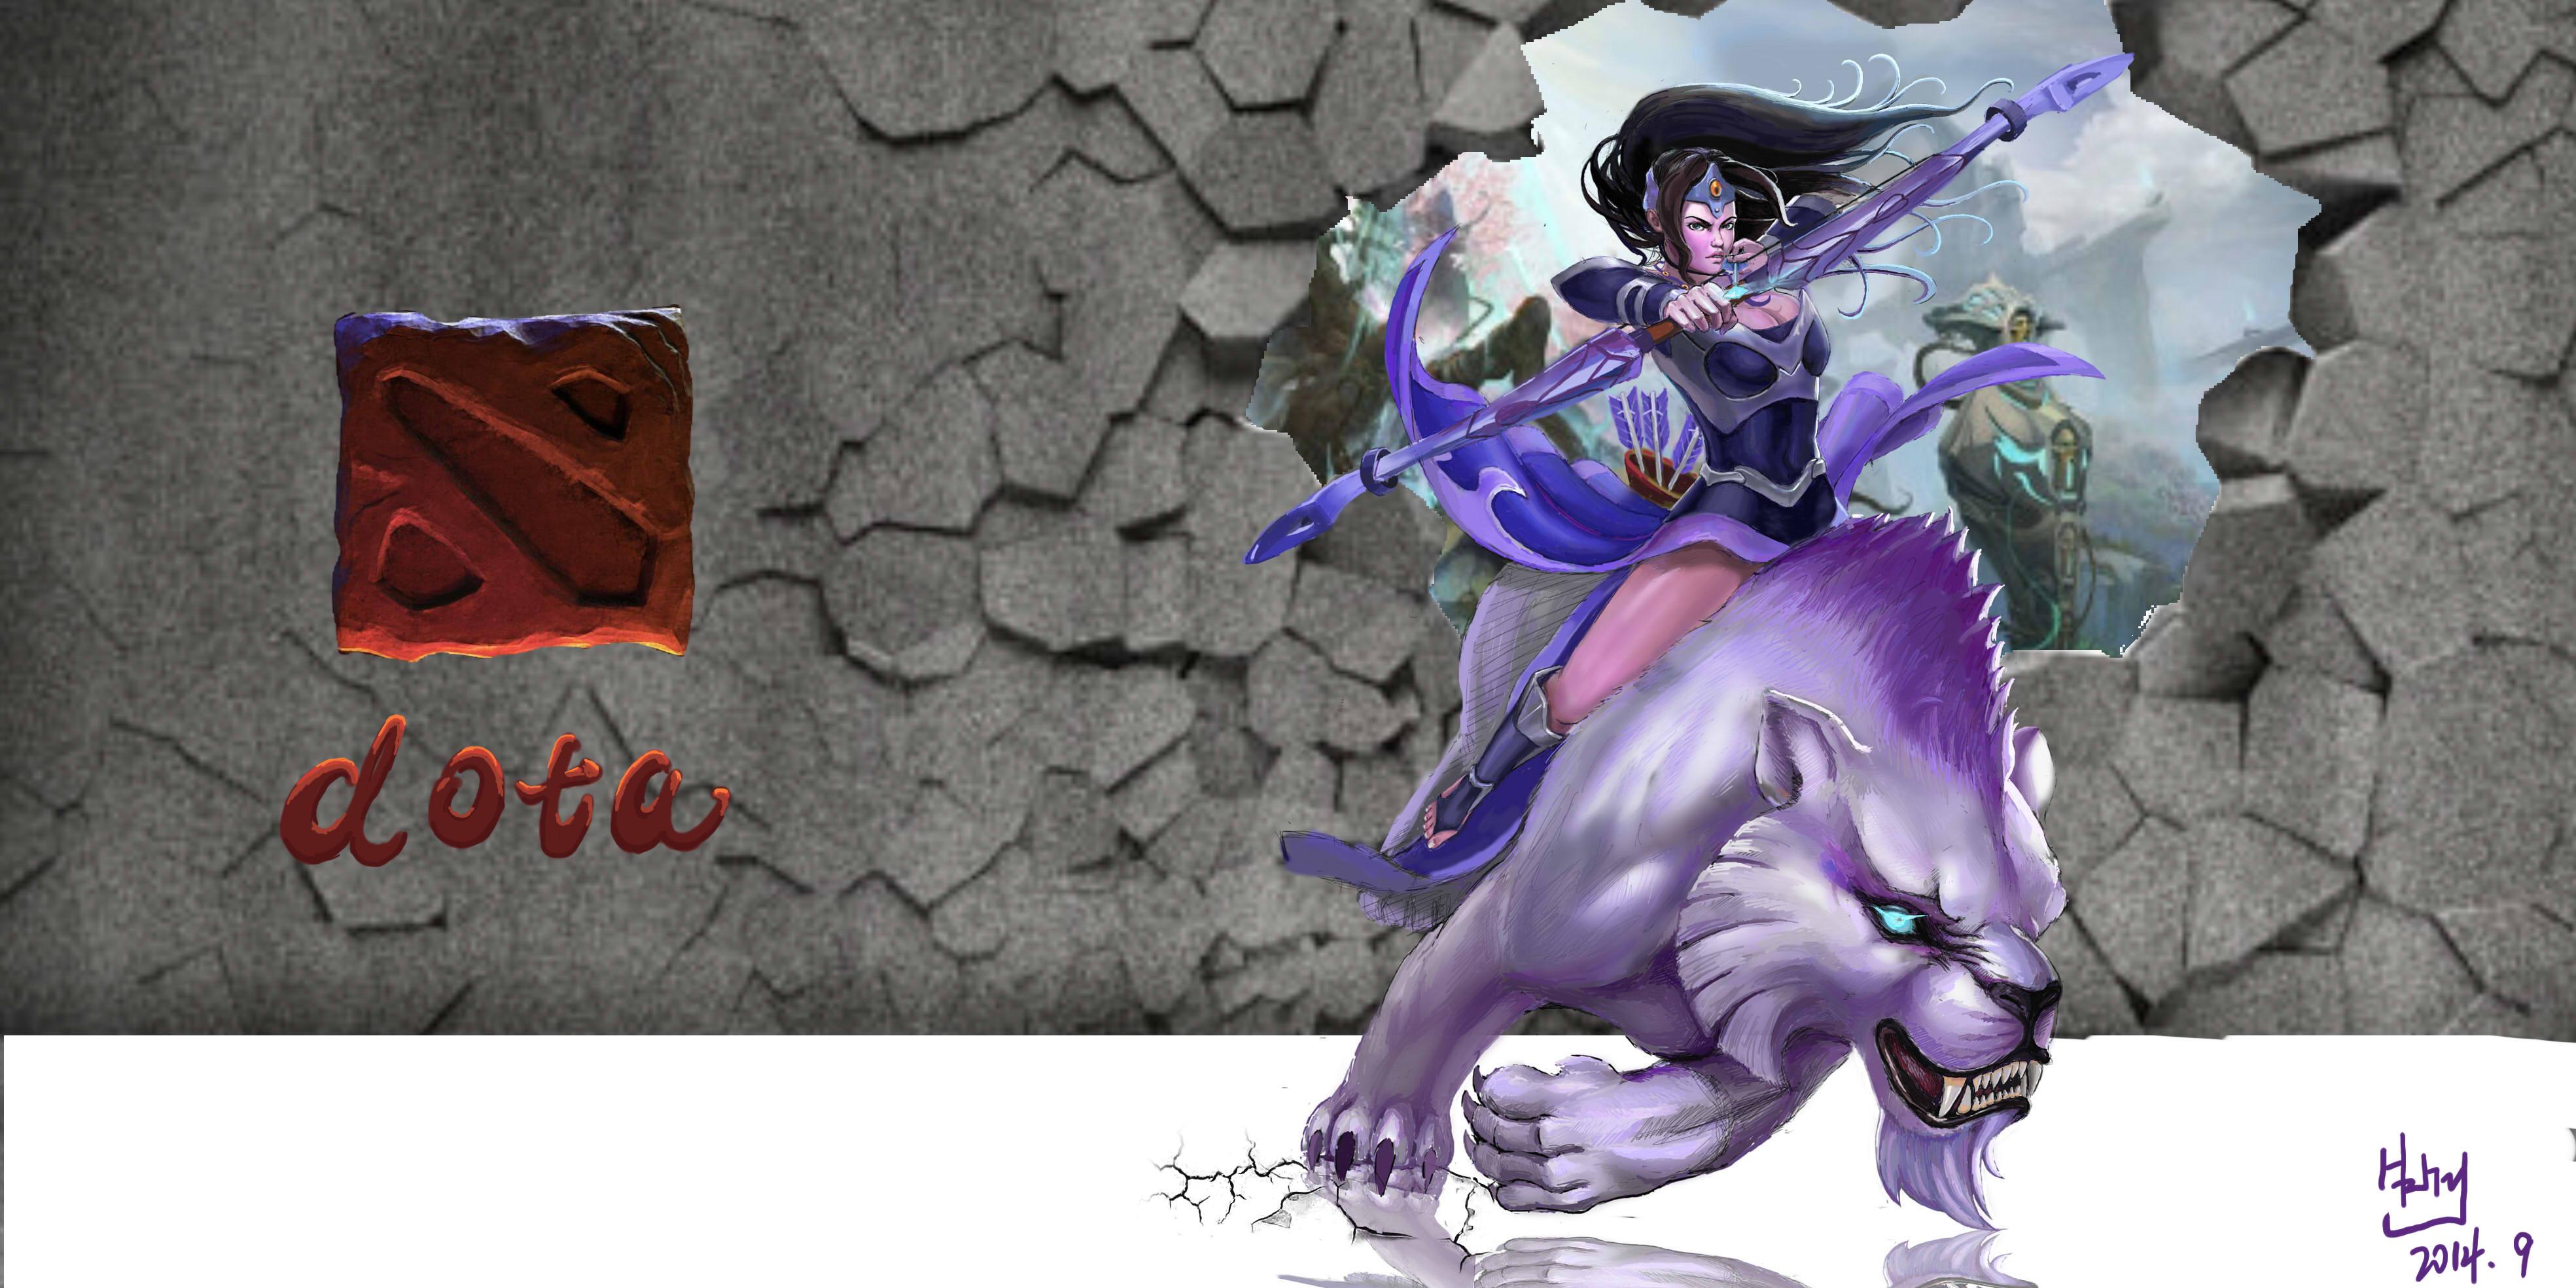 手绘原画|插画|游戏原画|89黑曼巴 - 原创作品 - 站酷